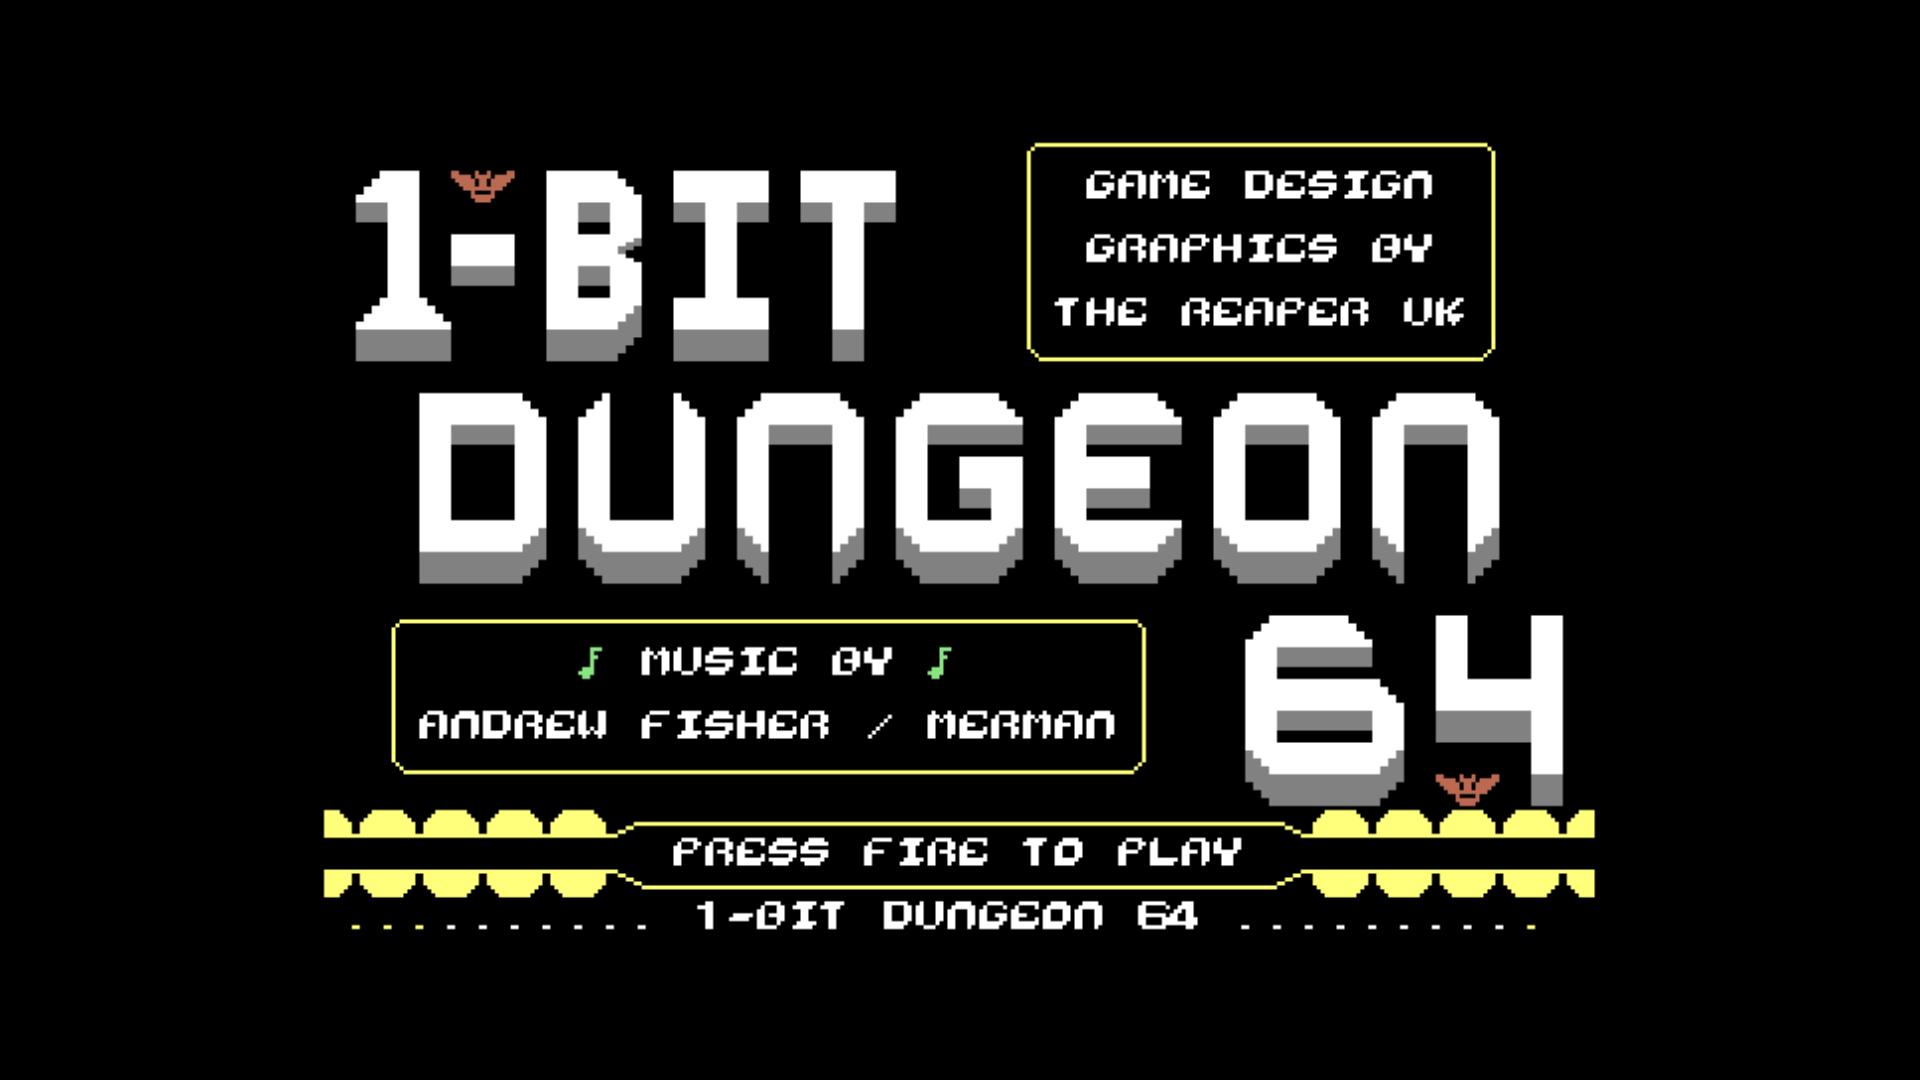 1-Bit Dungeon 64 (C64)